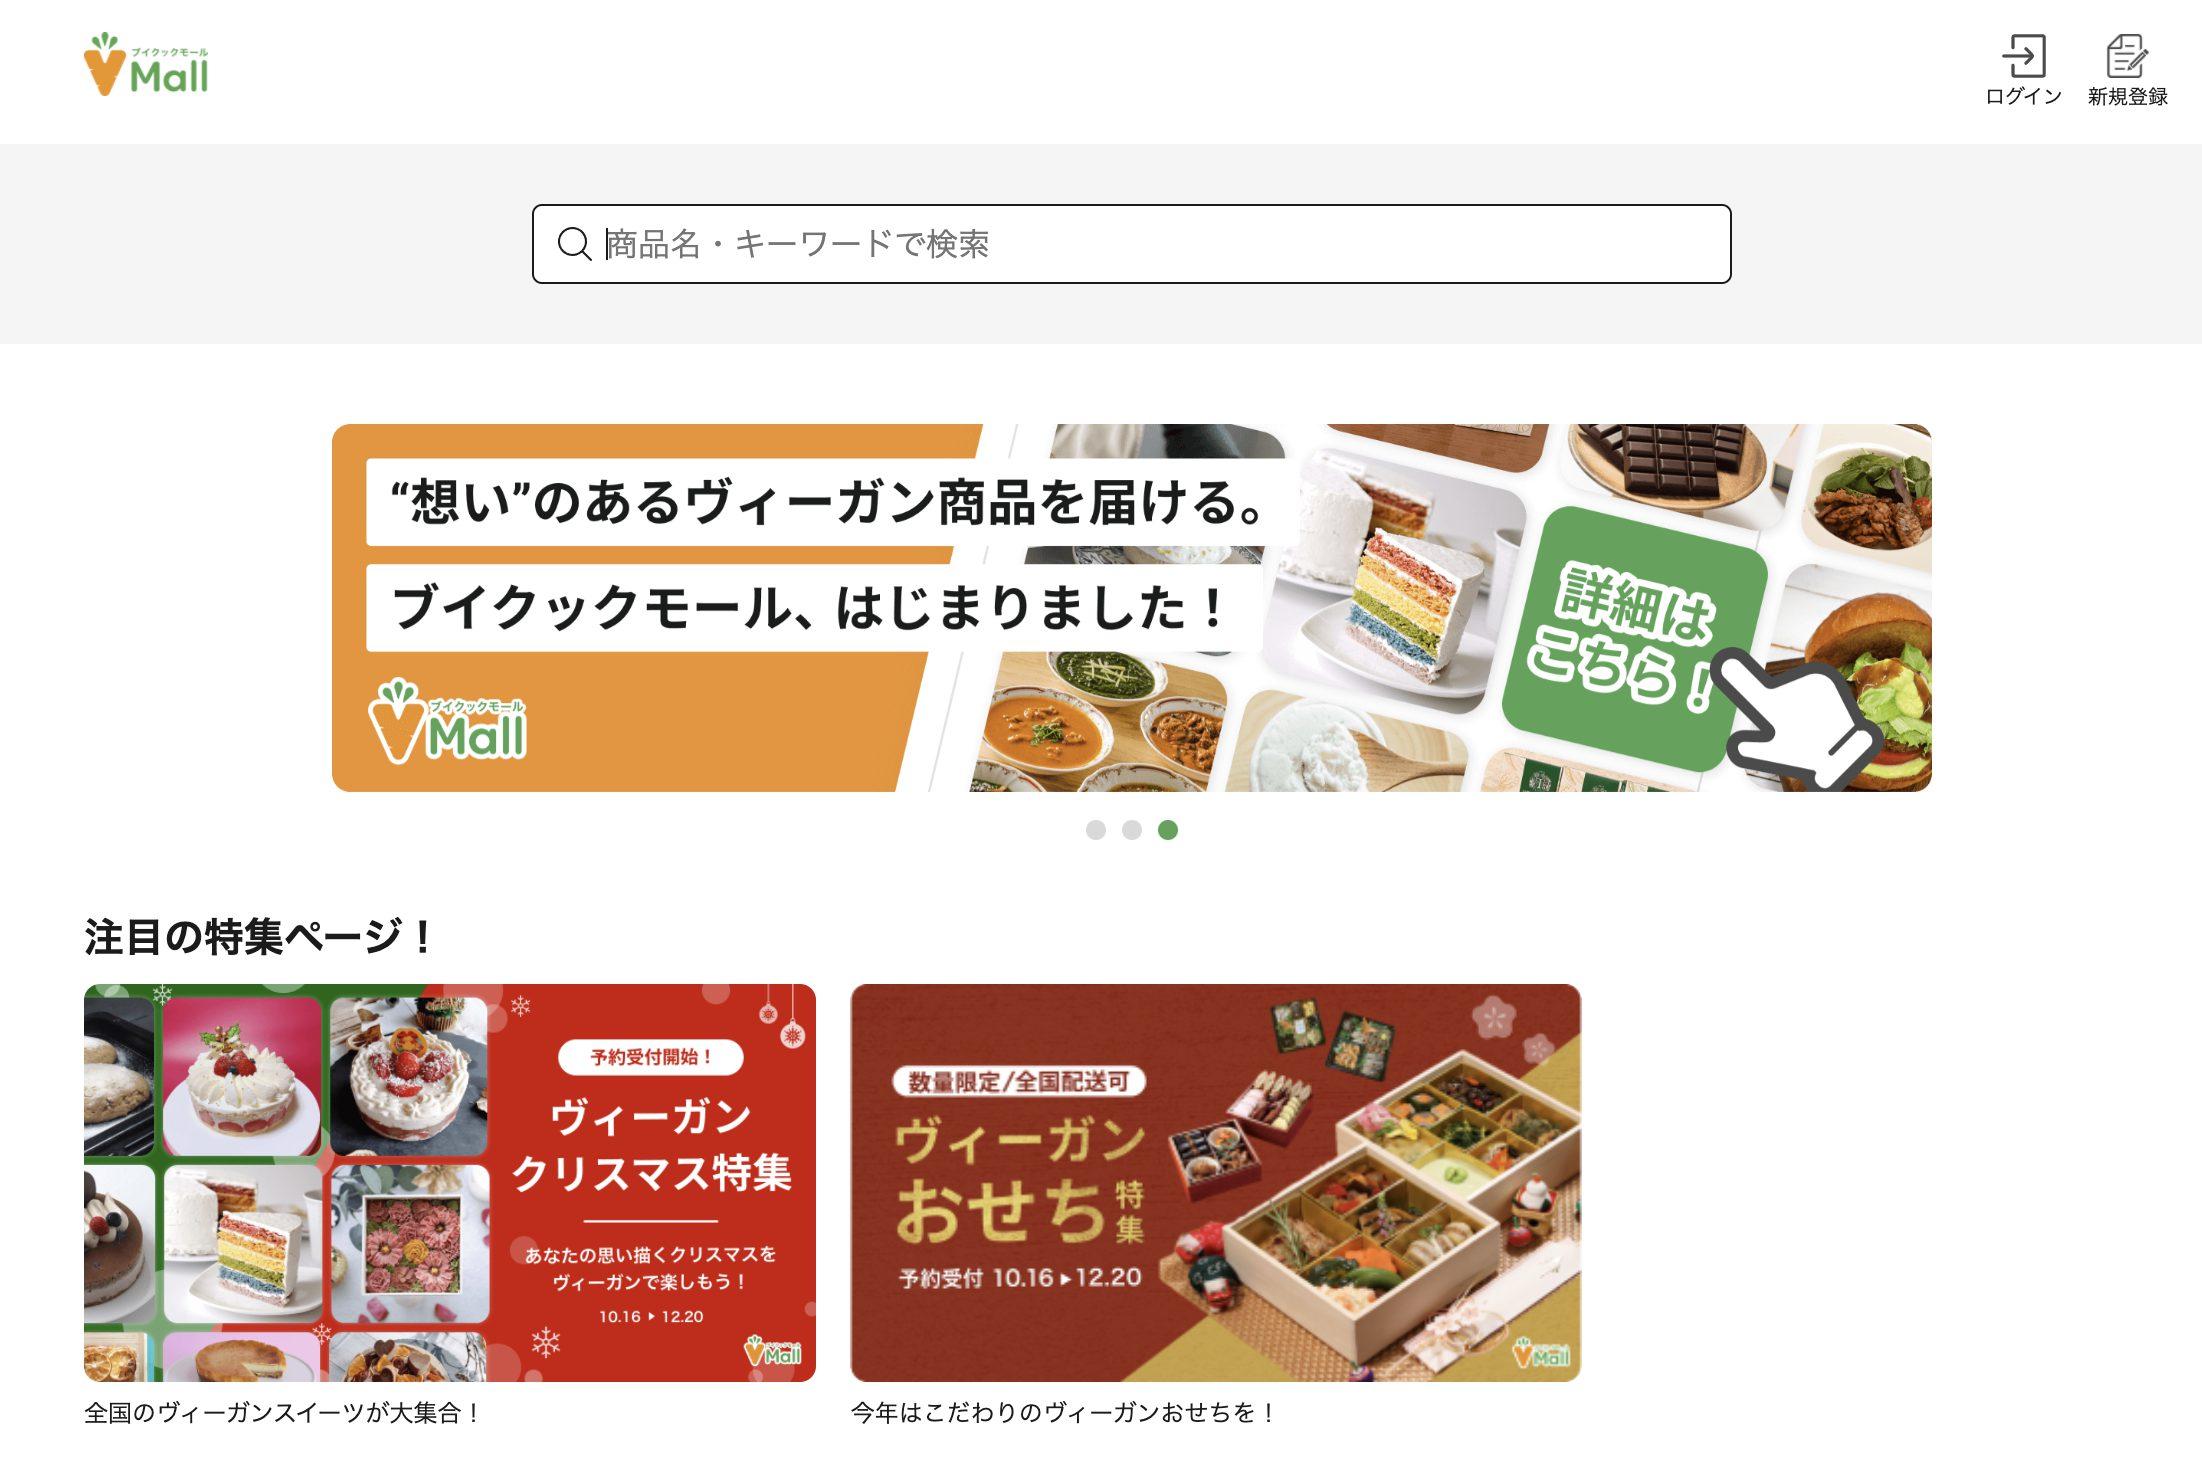 ヴィーガン専門ショッピングサイトにてソミート販売開始のお知らせ